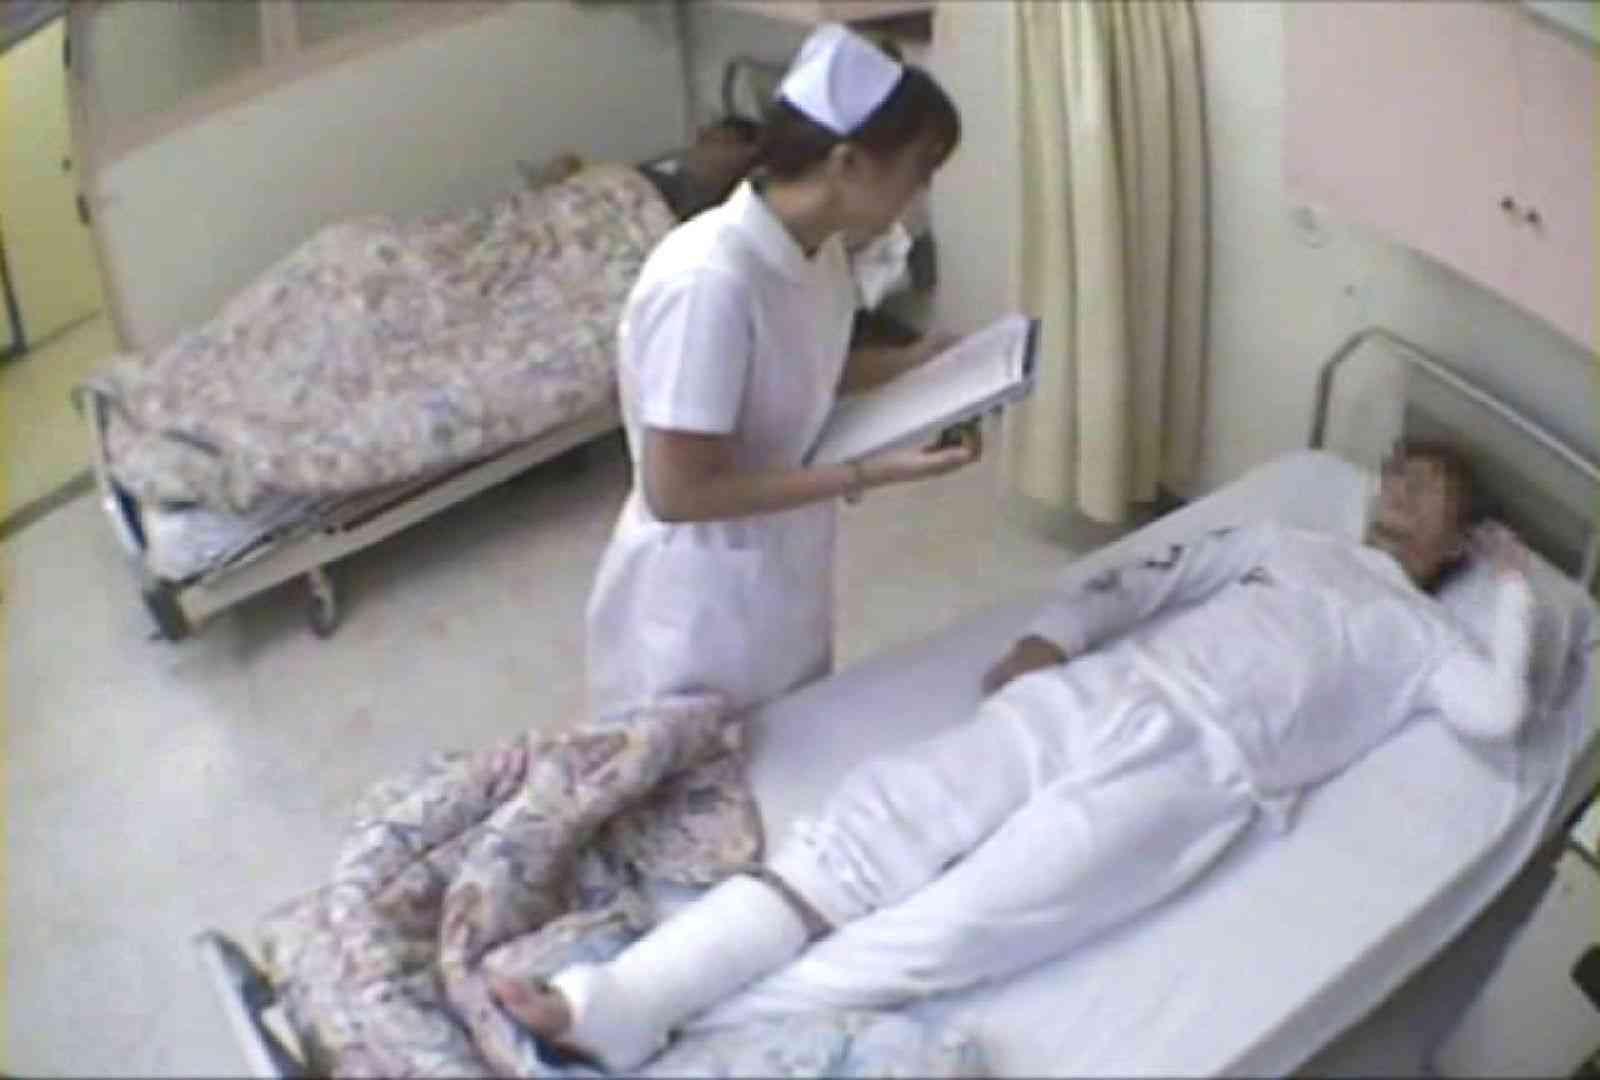 絶対に逝ってはいけない寸止め病棟Vol.8 OLセックス | 0  100画像 3